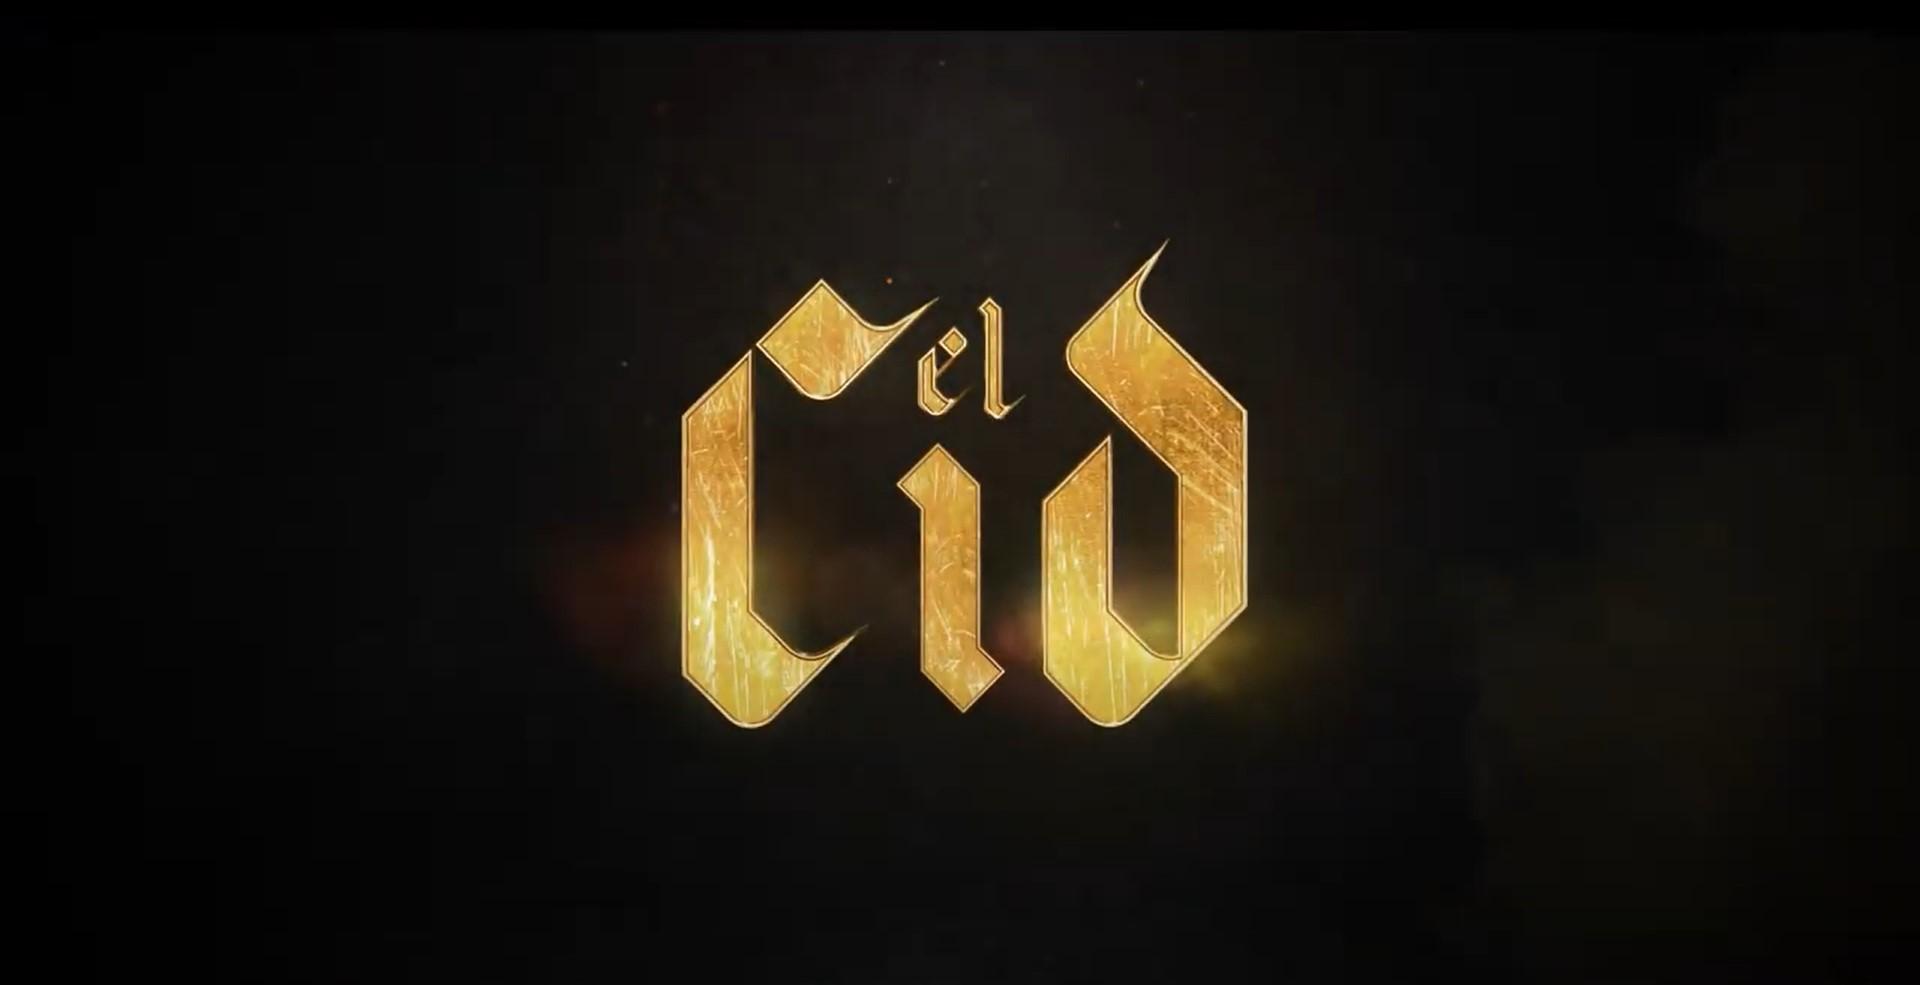 Desvelamos las primeras imágenes del teaser de El Cid